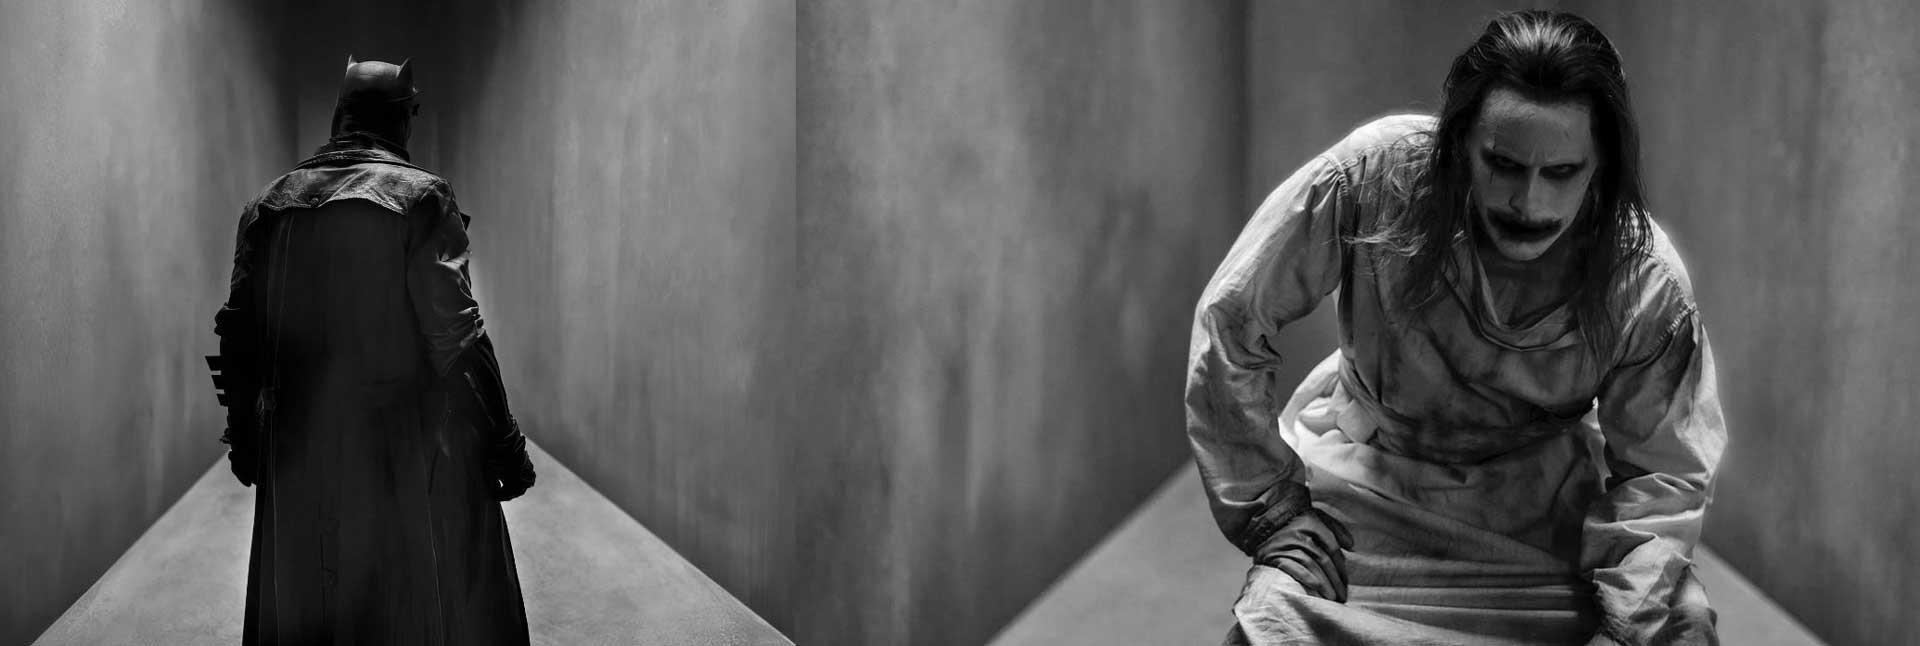 انتشار تصویری از نسخه سیاه و سفید فیلم Justice League و زک اسنایدر